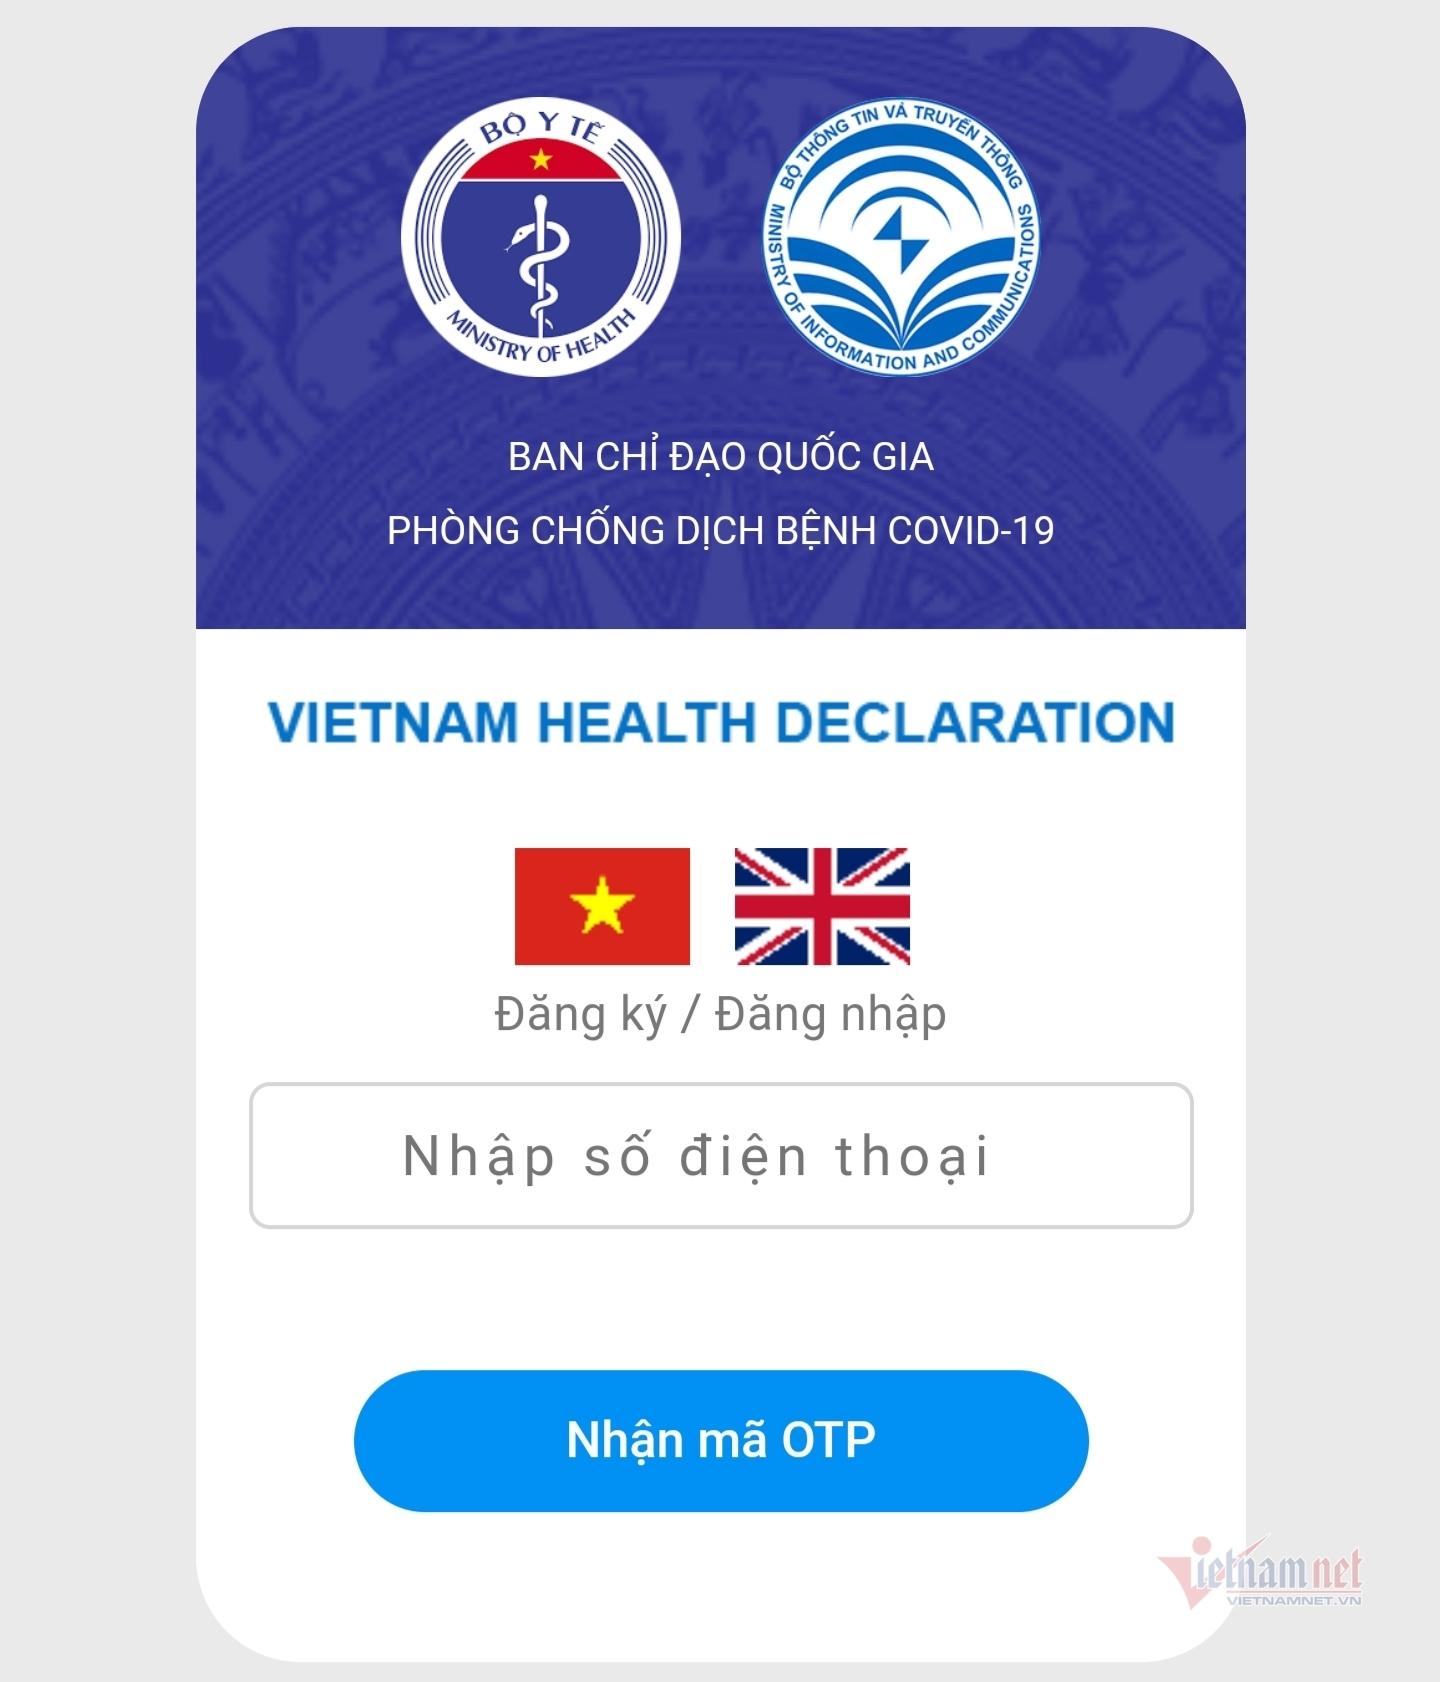 Cách khai báo y tế bắt buộc khi nhập cảnh vào Việt Nam